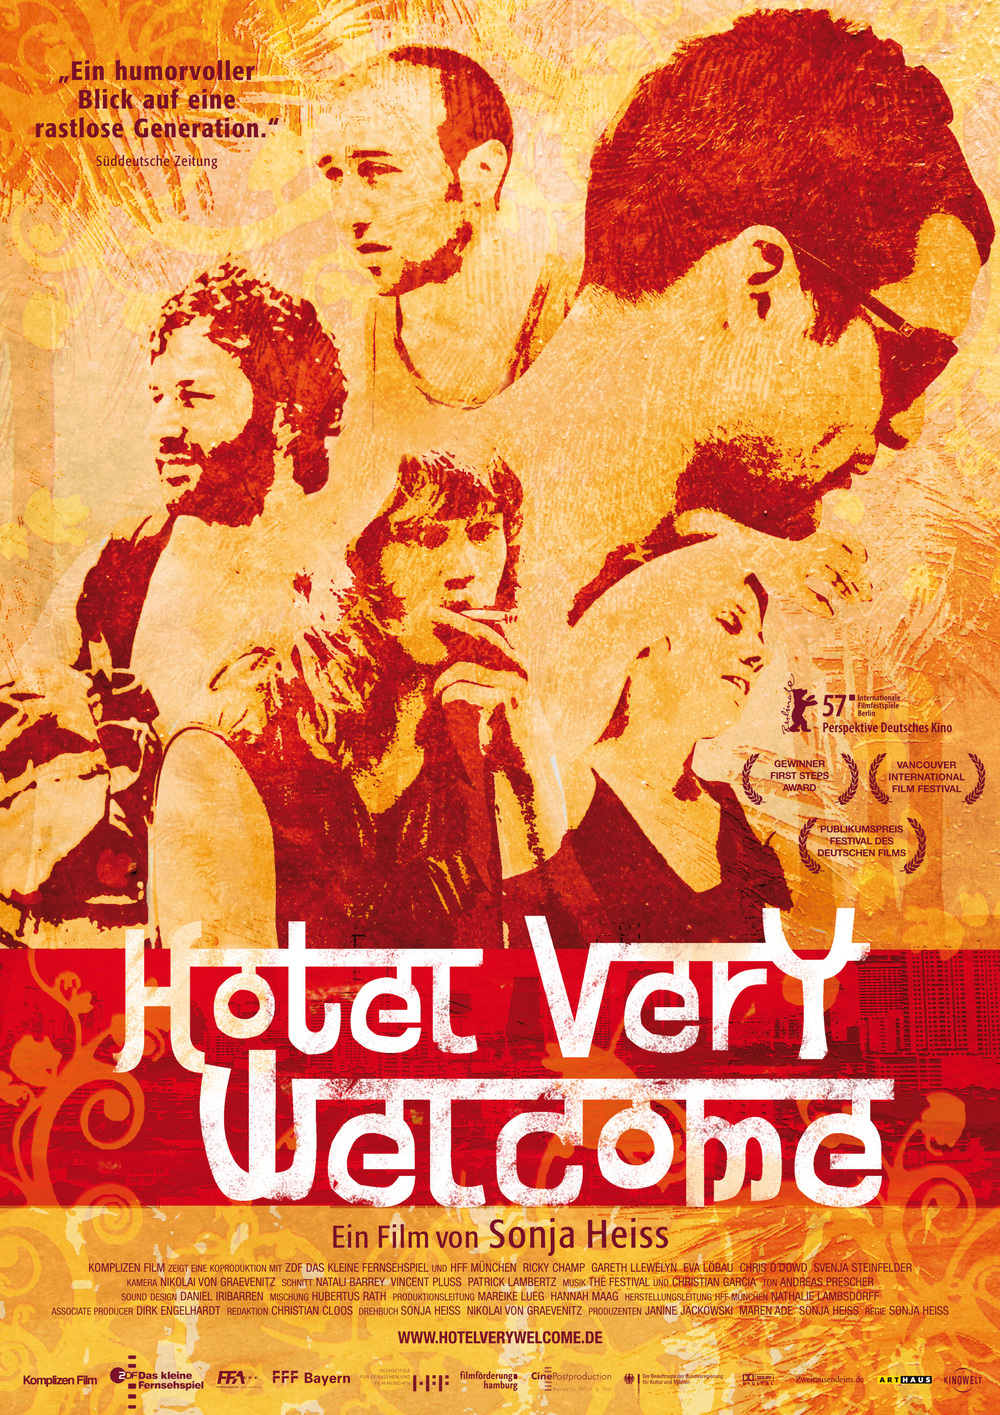 Komplizen_HotelVeryWelcome_poster_A4-D-1.jpg